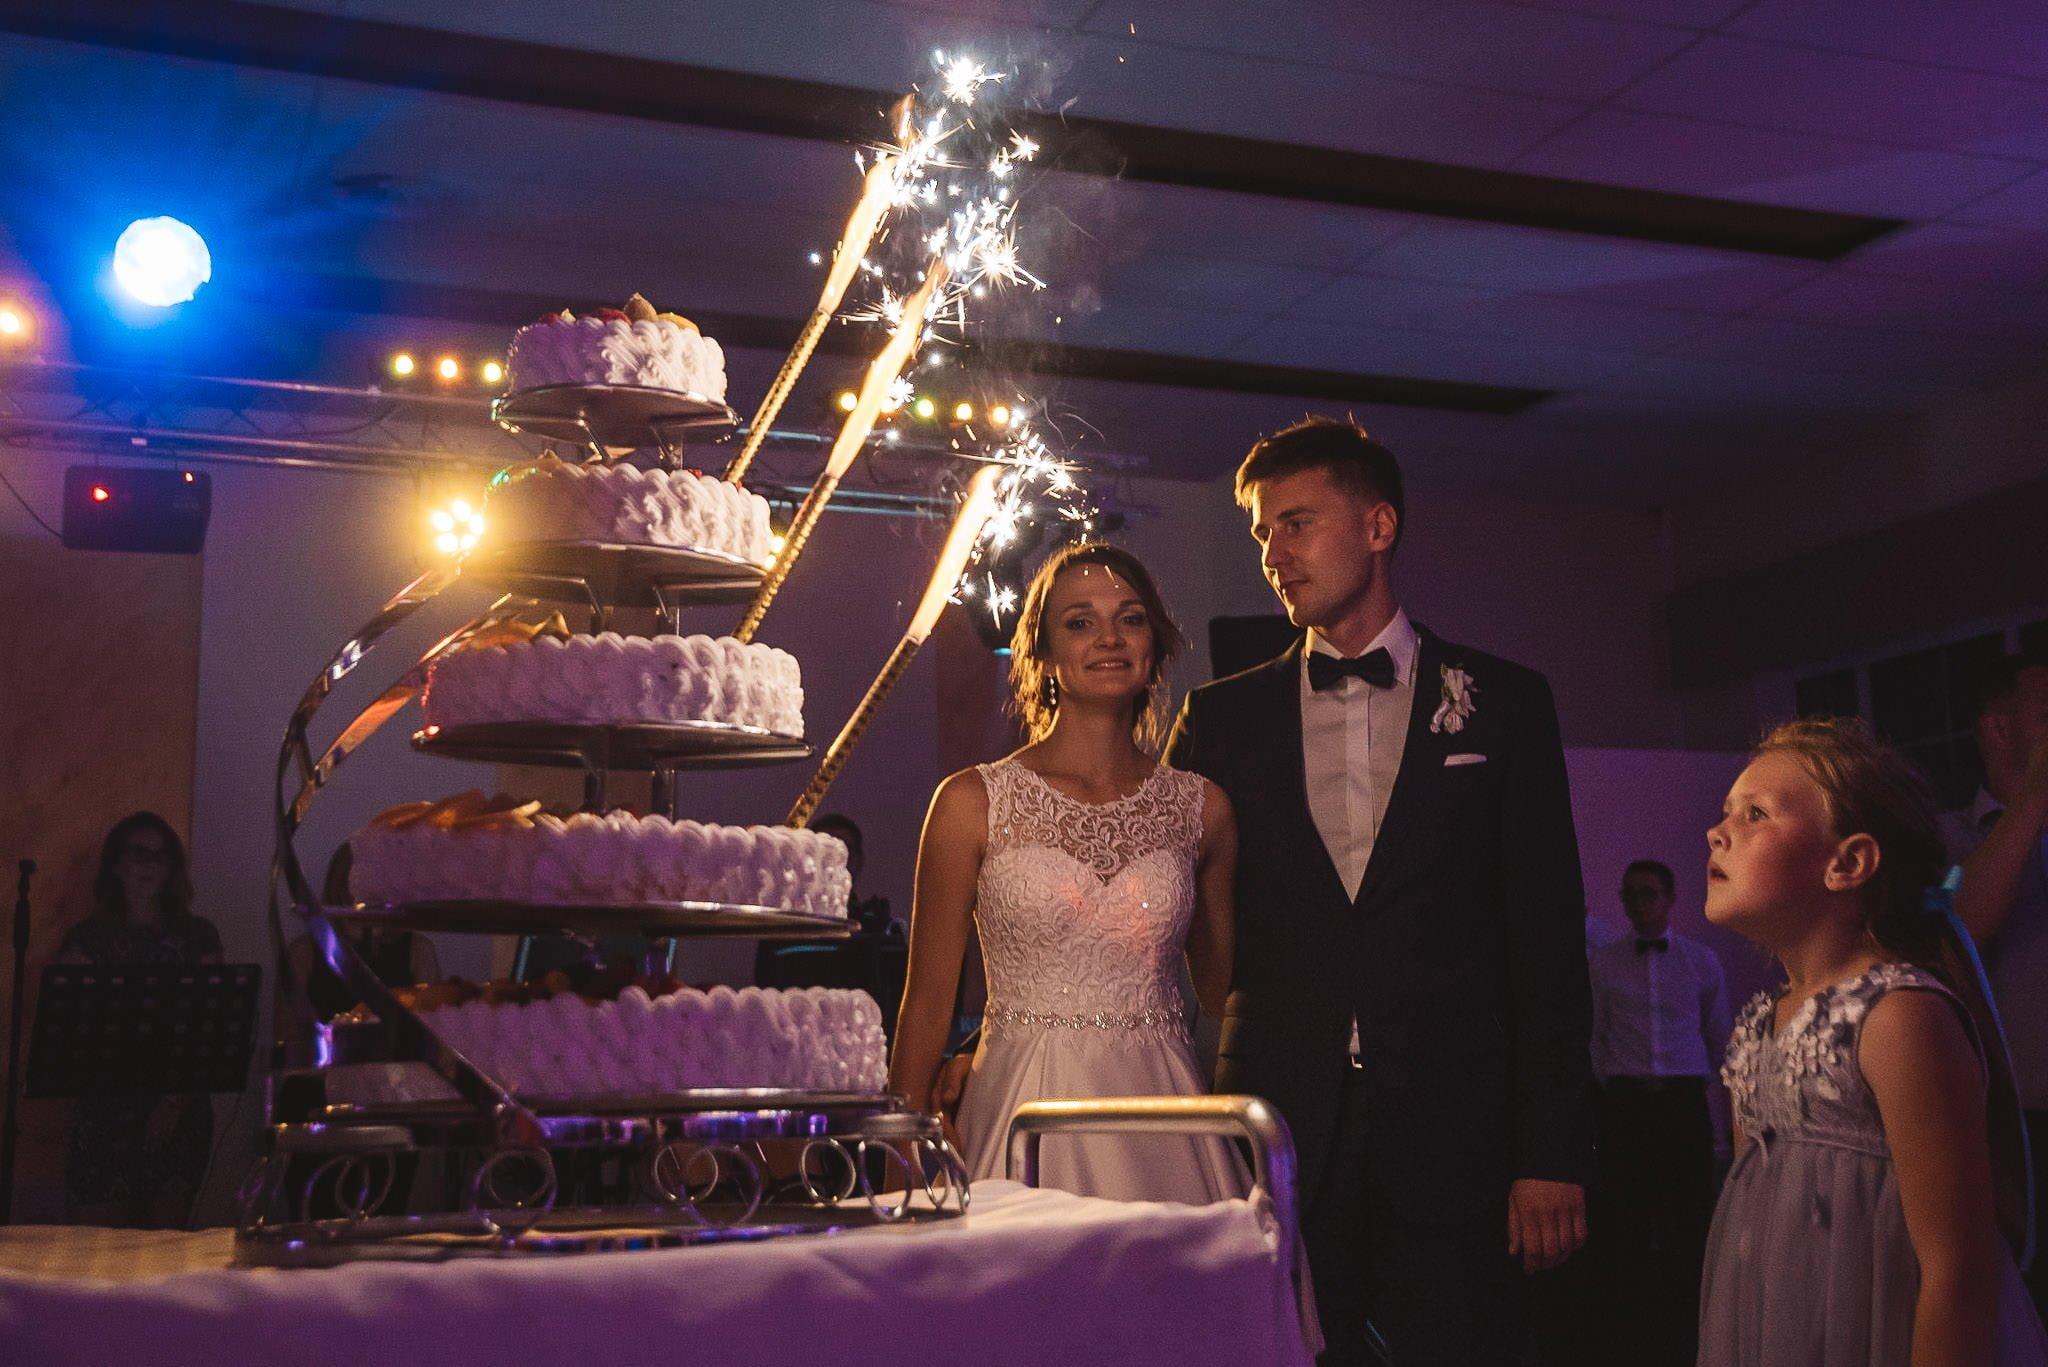 Monika i Michał, wesele w Paryżu i sesja plenerowa w stadninie koni w Czołowie 232